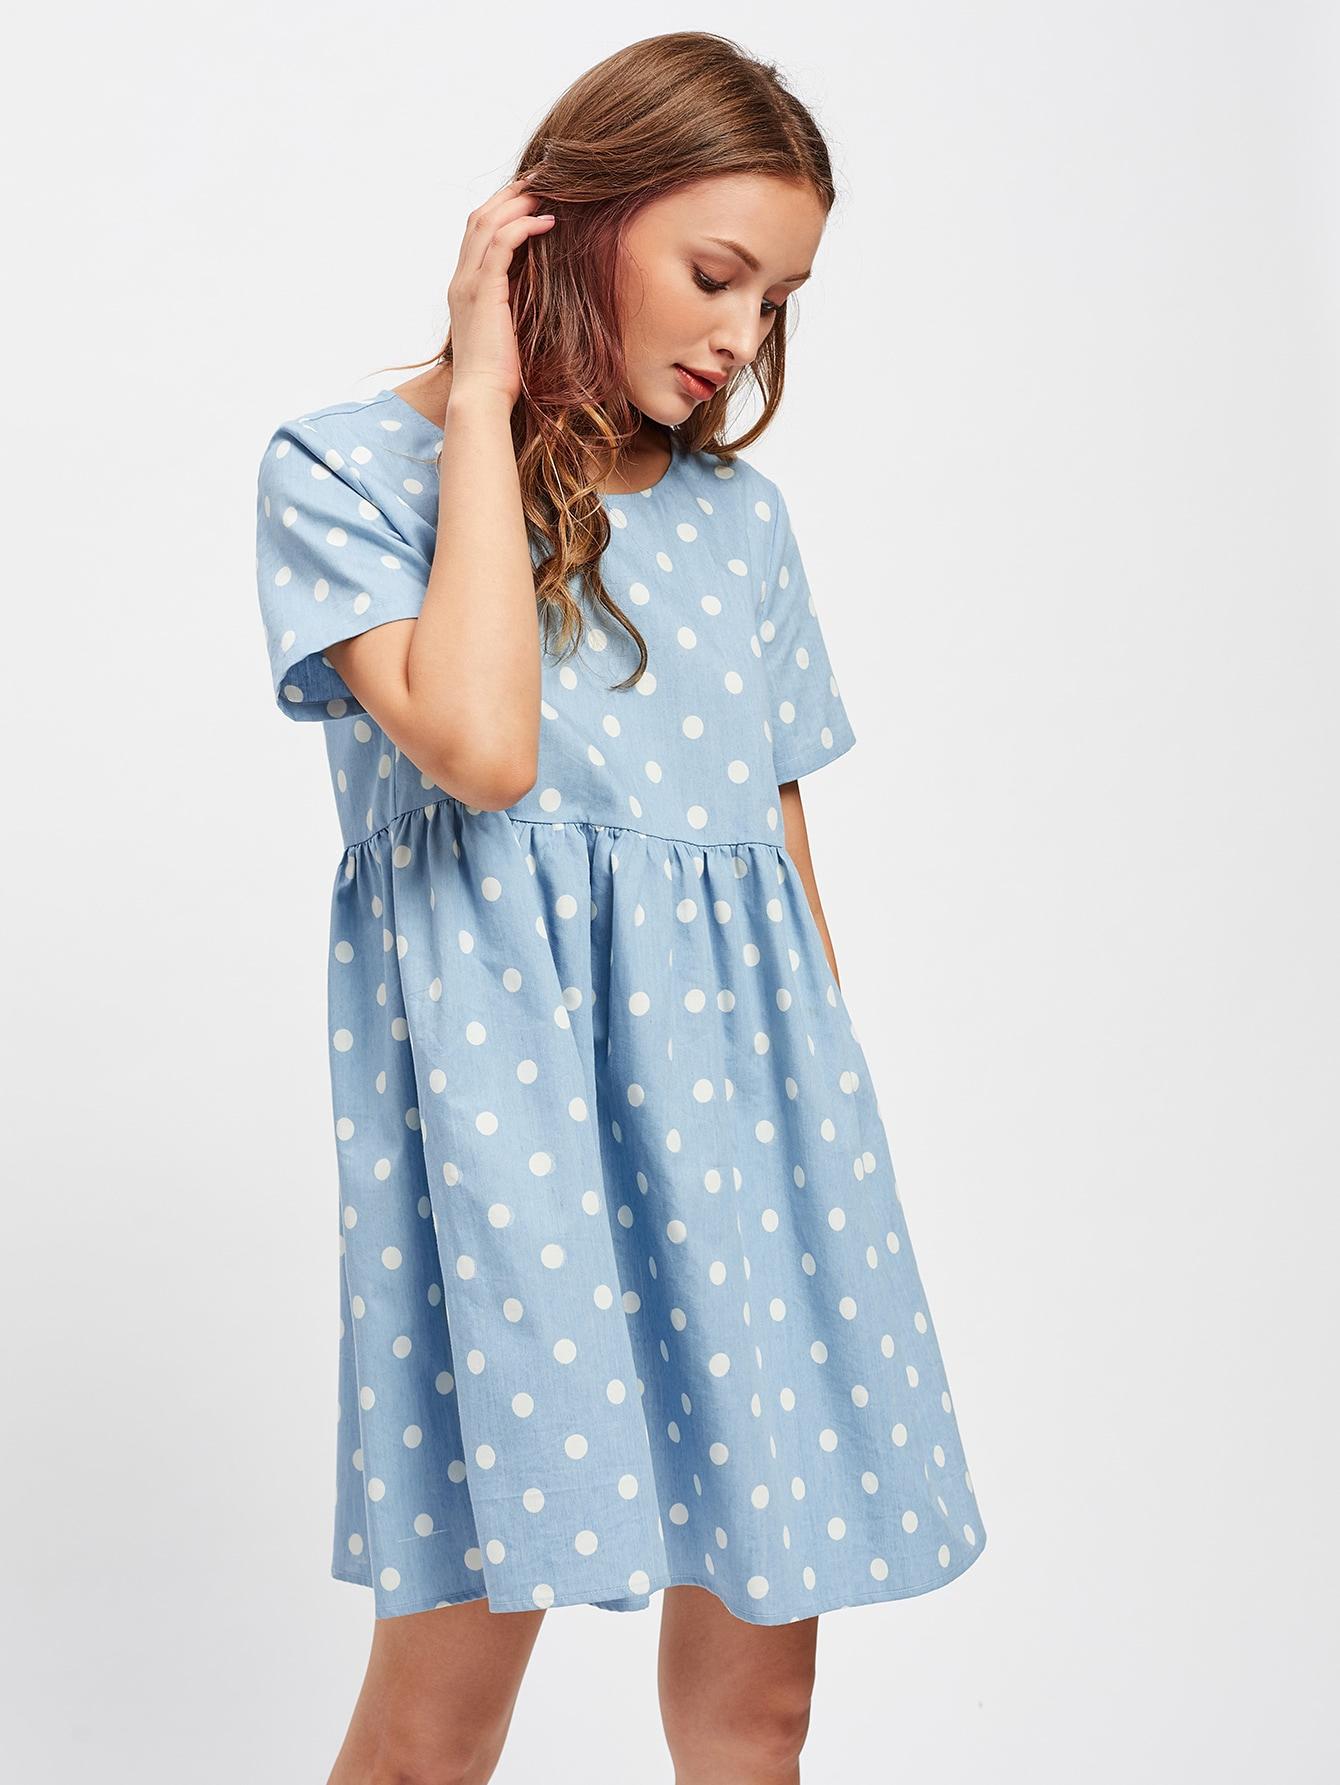 Image of Polka Dot Print Smock Dress